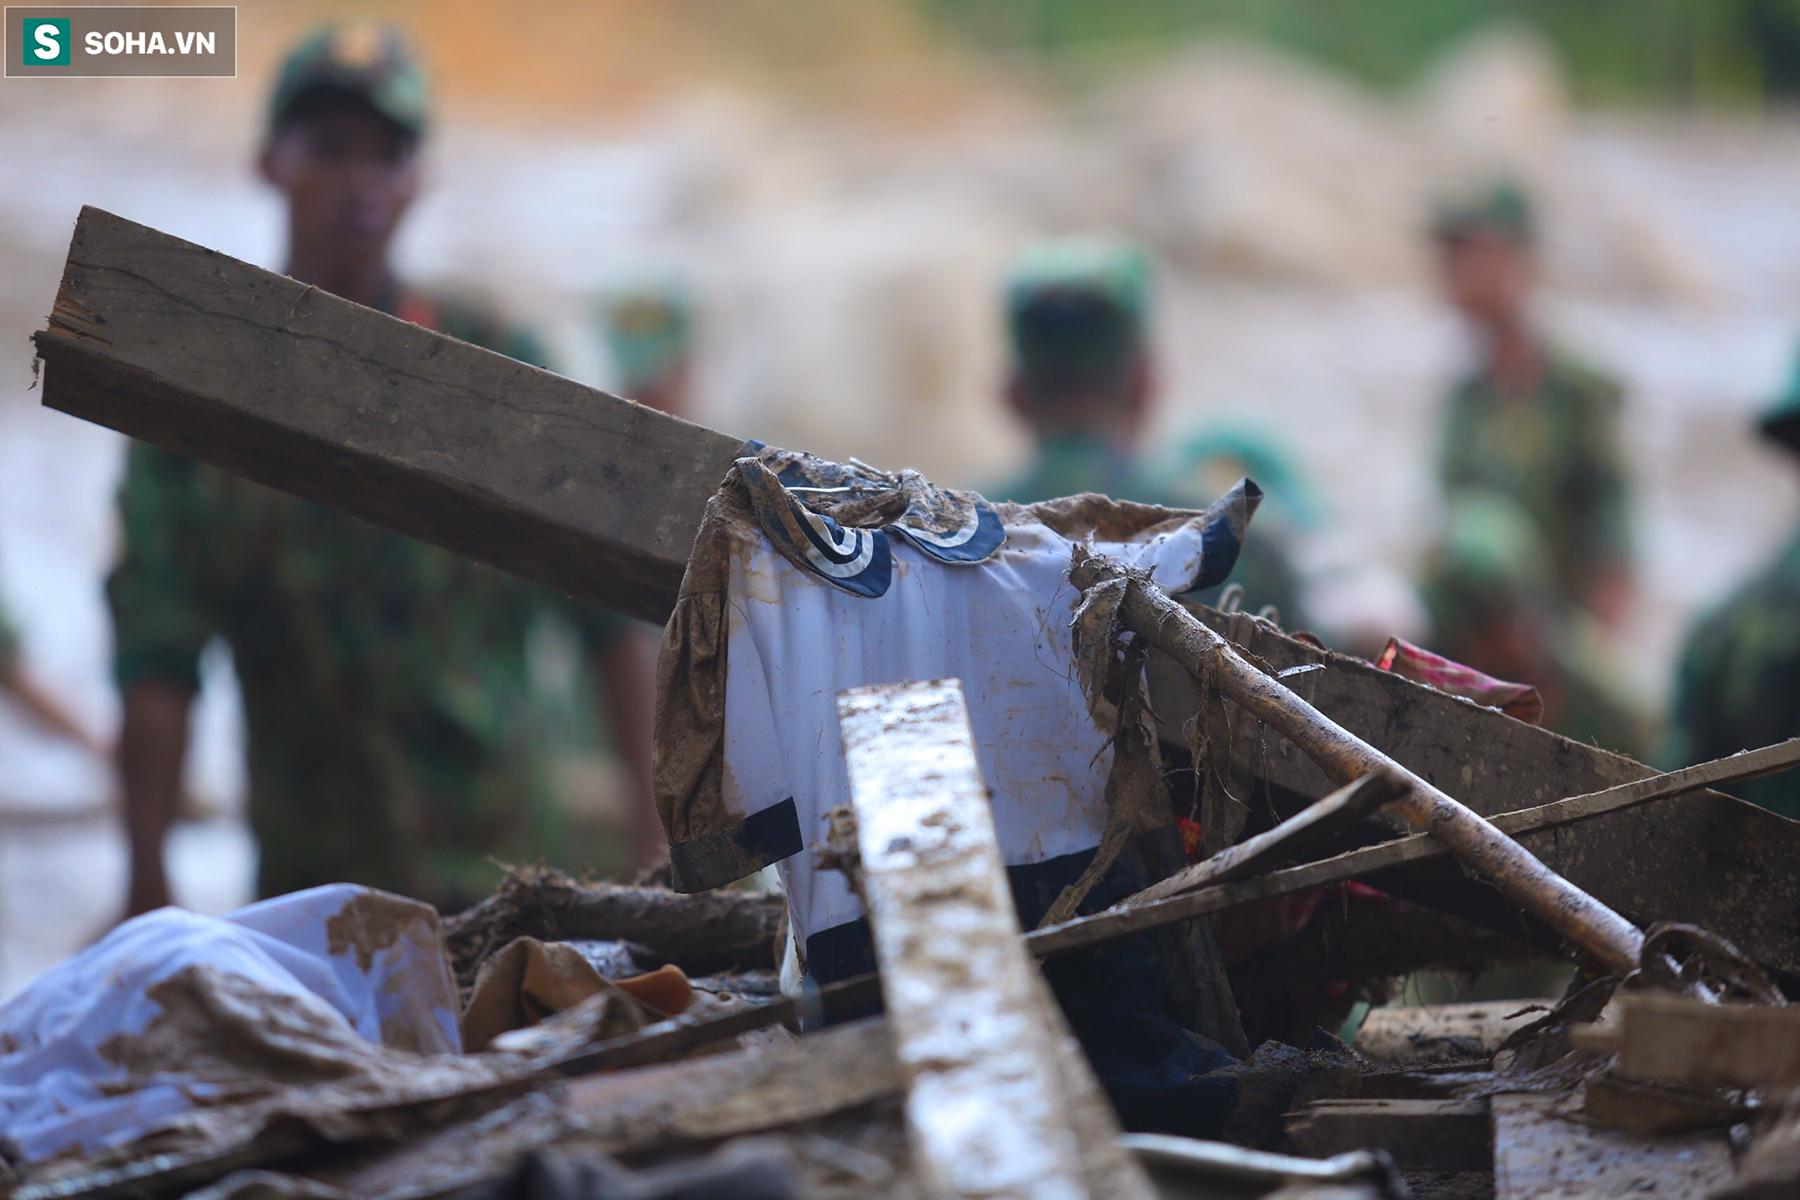 [Ảnh] Những thứ còn sót lại dưới đống hoang tàn ở vụ sạt lở Trà Leng sau 48 giờ tìm kiếm - Ảnh 11.